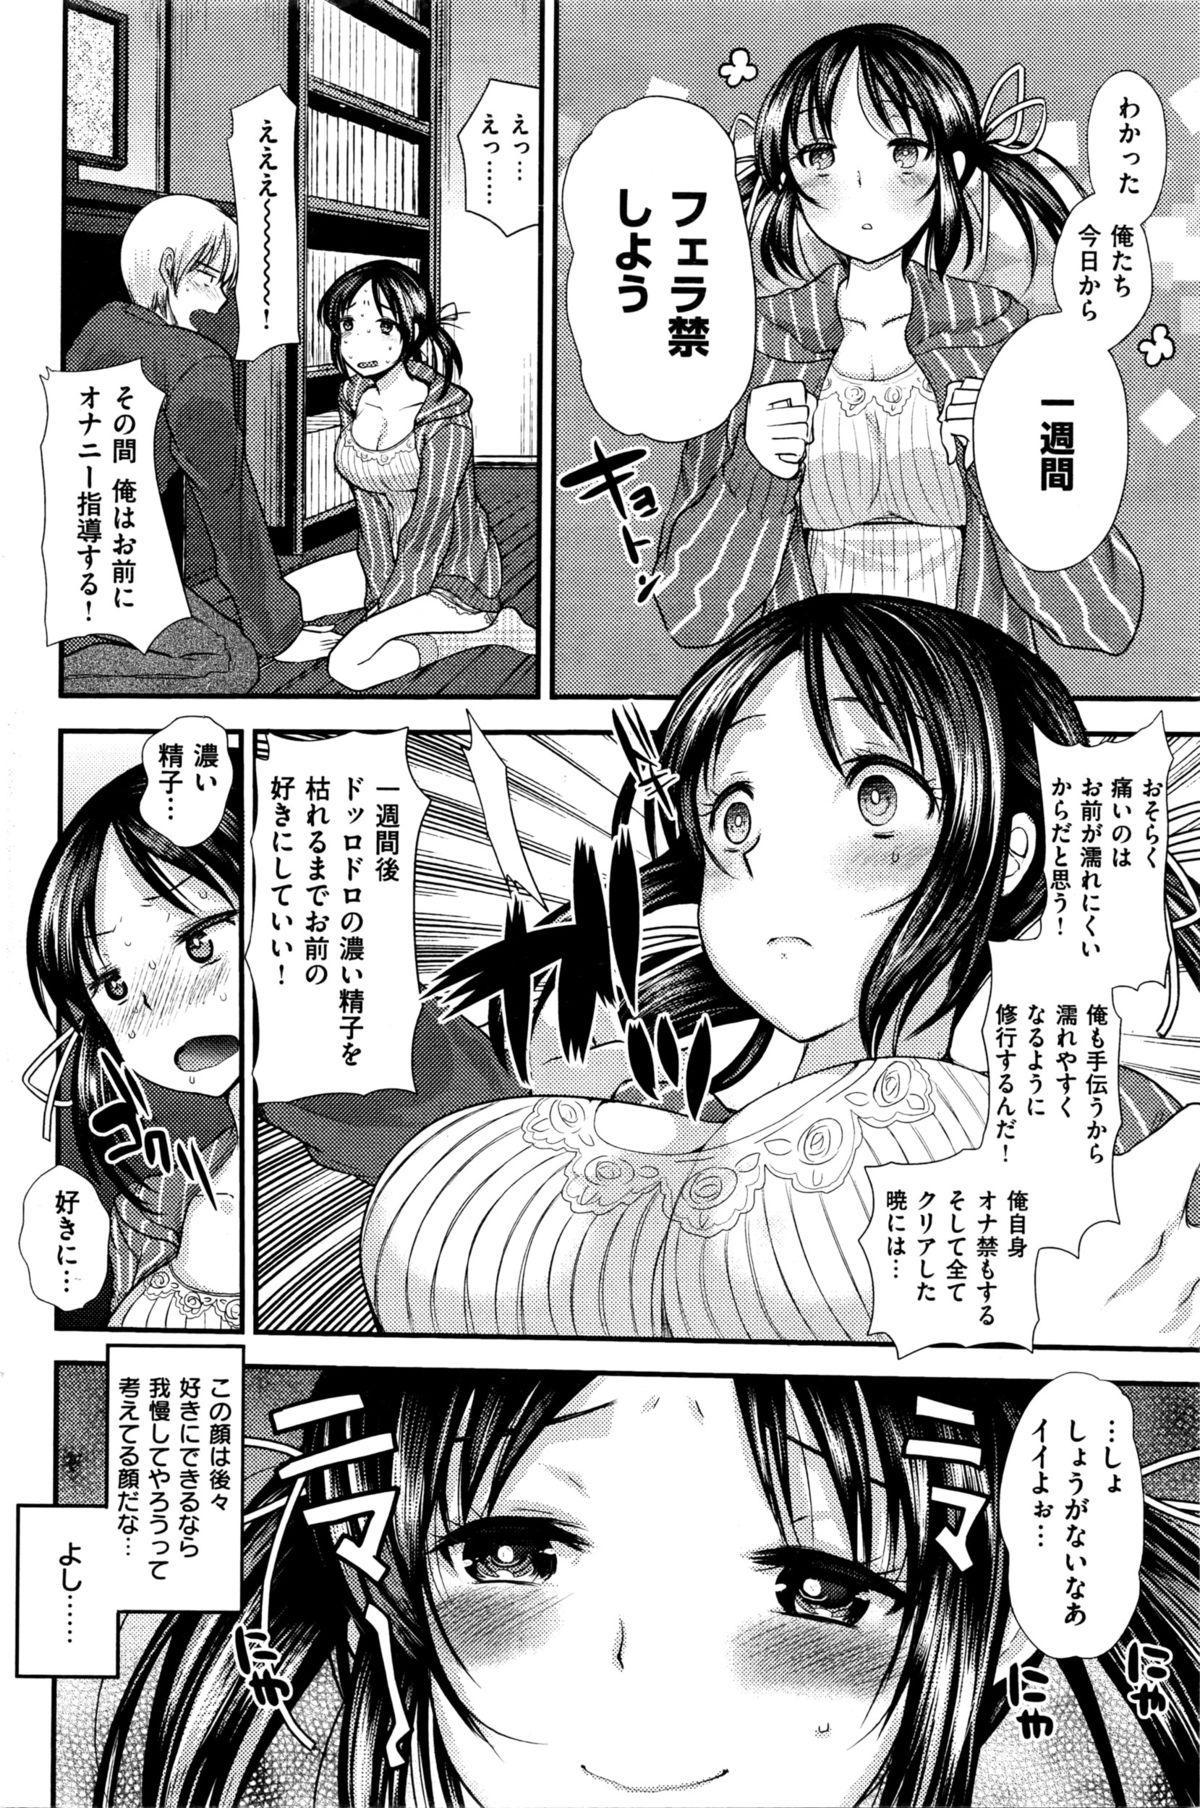 COMIC Kairakuten BEAST 2016-02 200